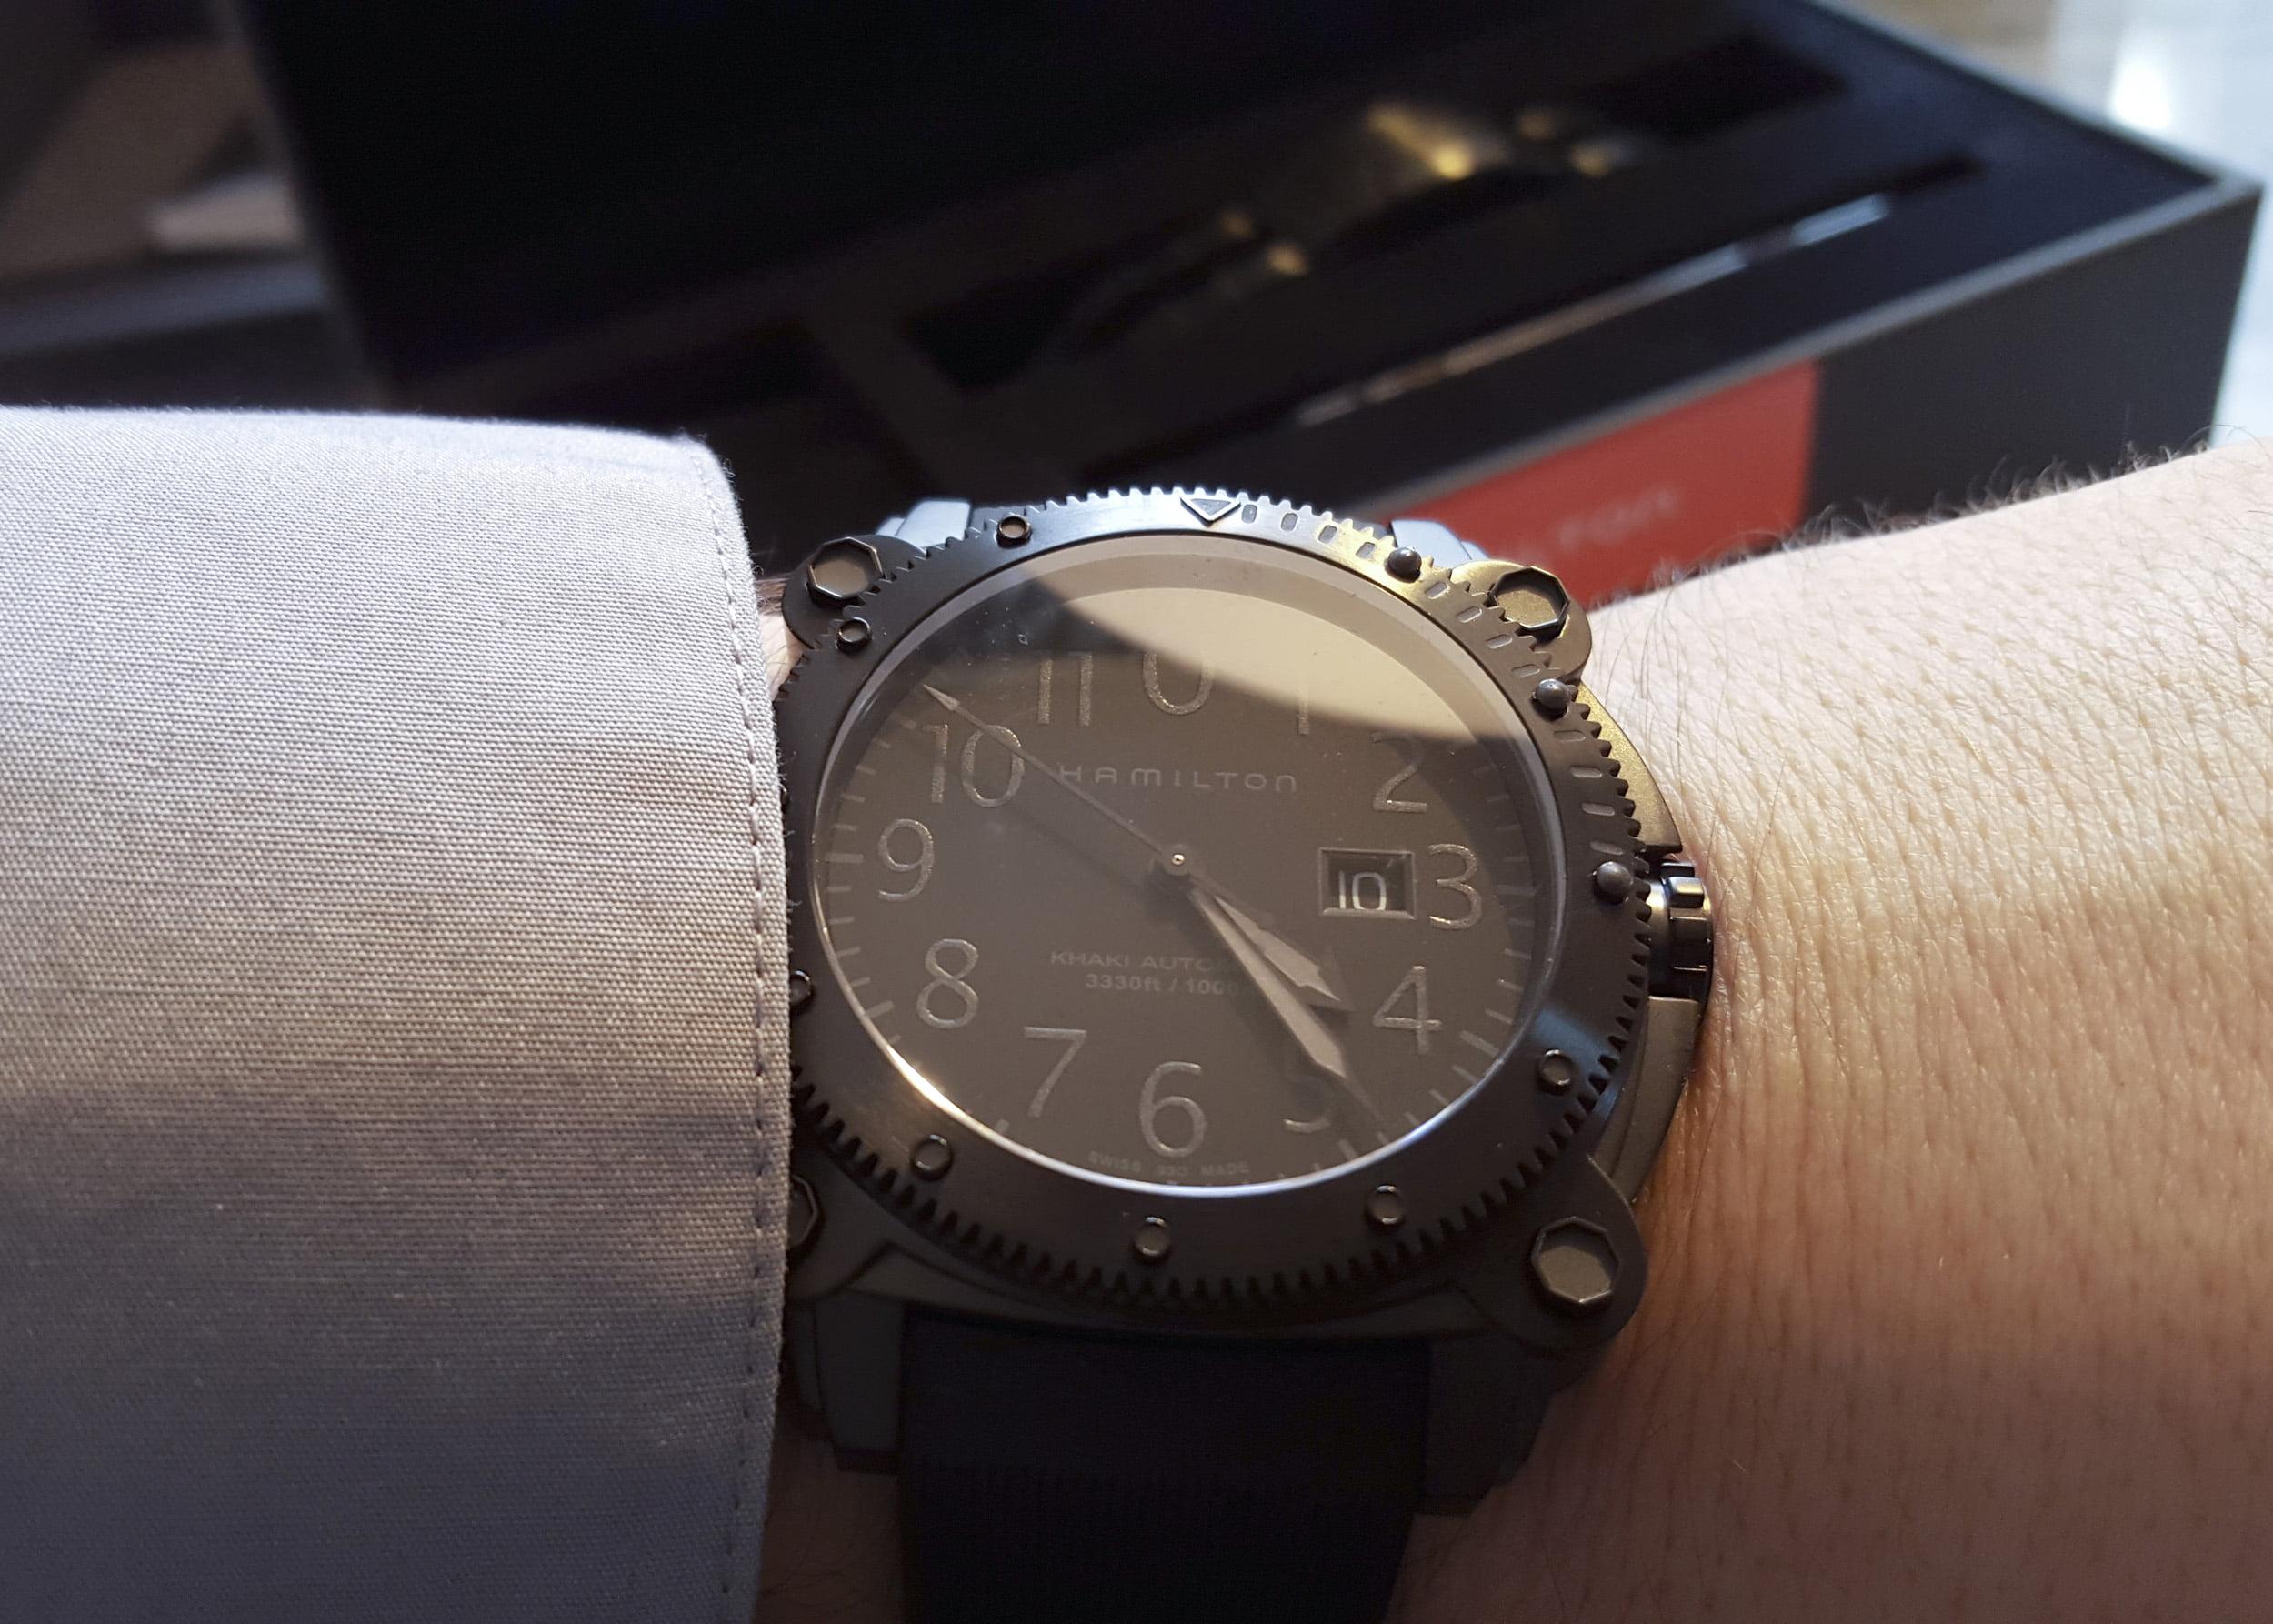 Hamilton's Khaki BeLOWZERO watch